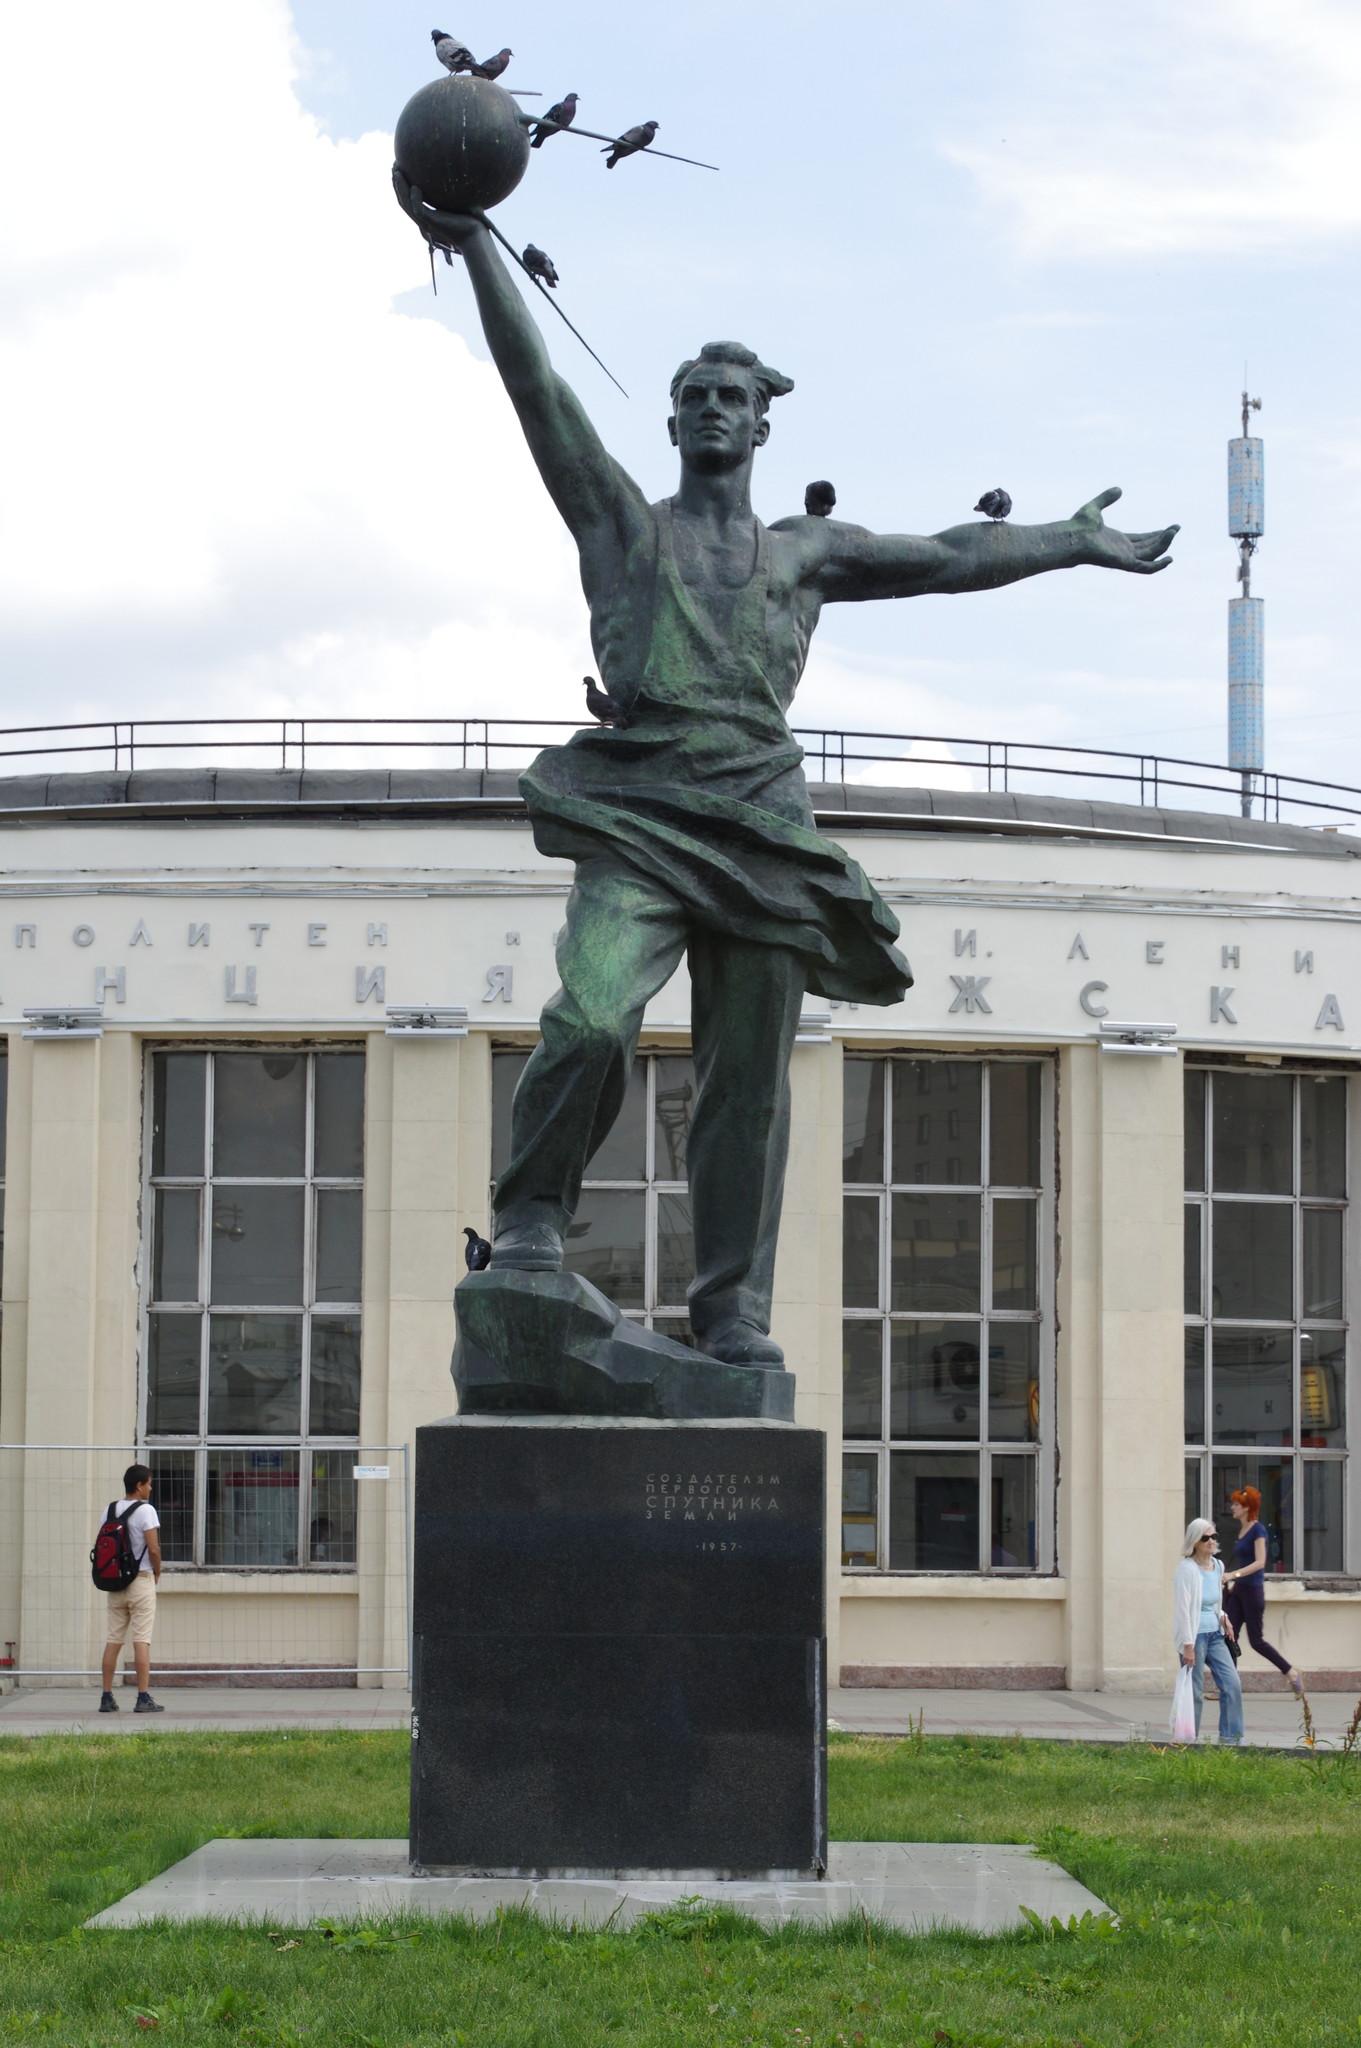 Памятник создателям первого спутника Земли у входа на станцию «Рижская» Калужско-Рижской линии Московского метрополитена